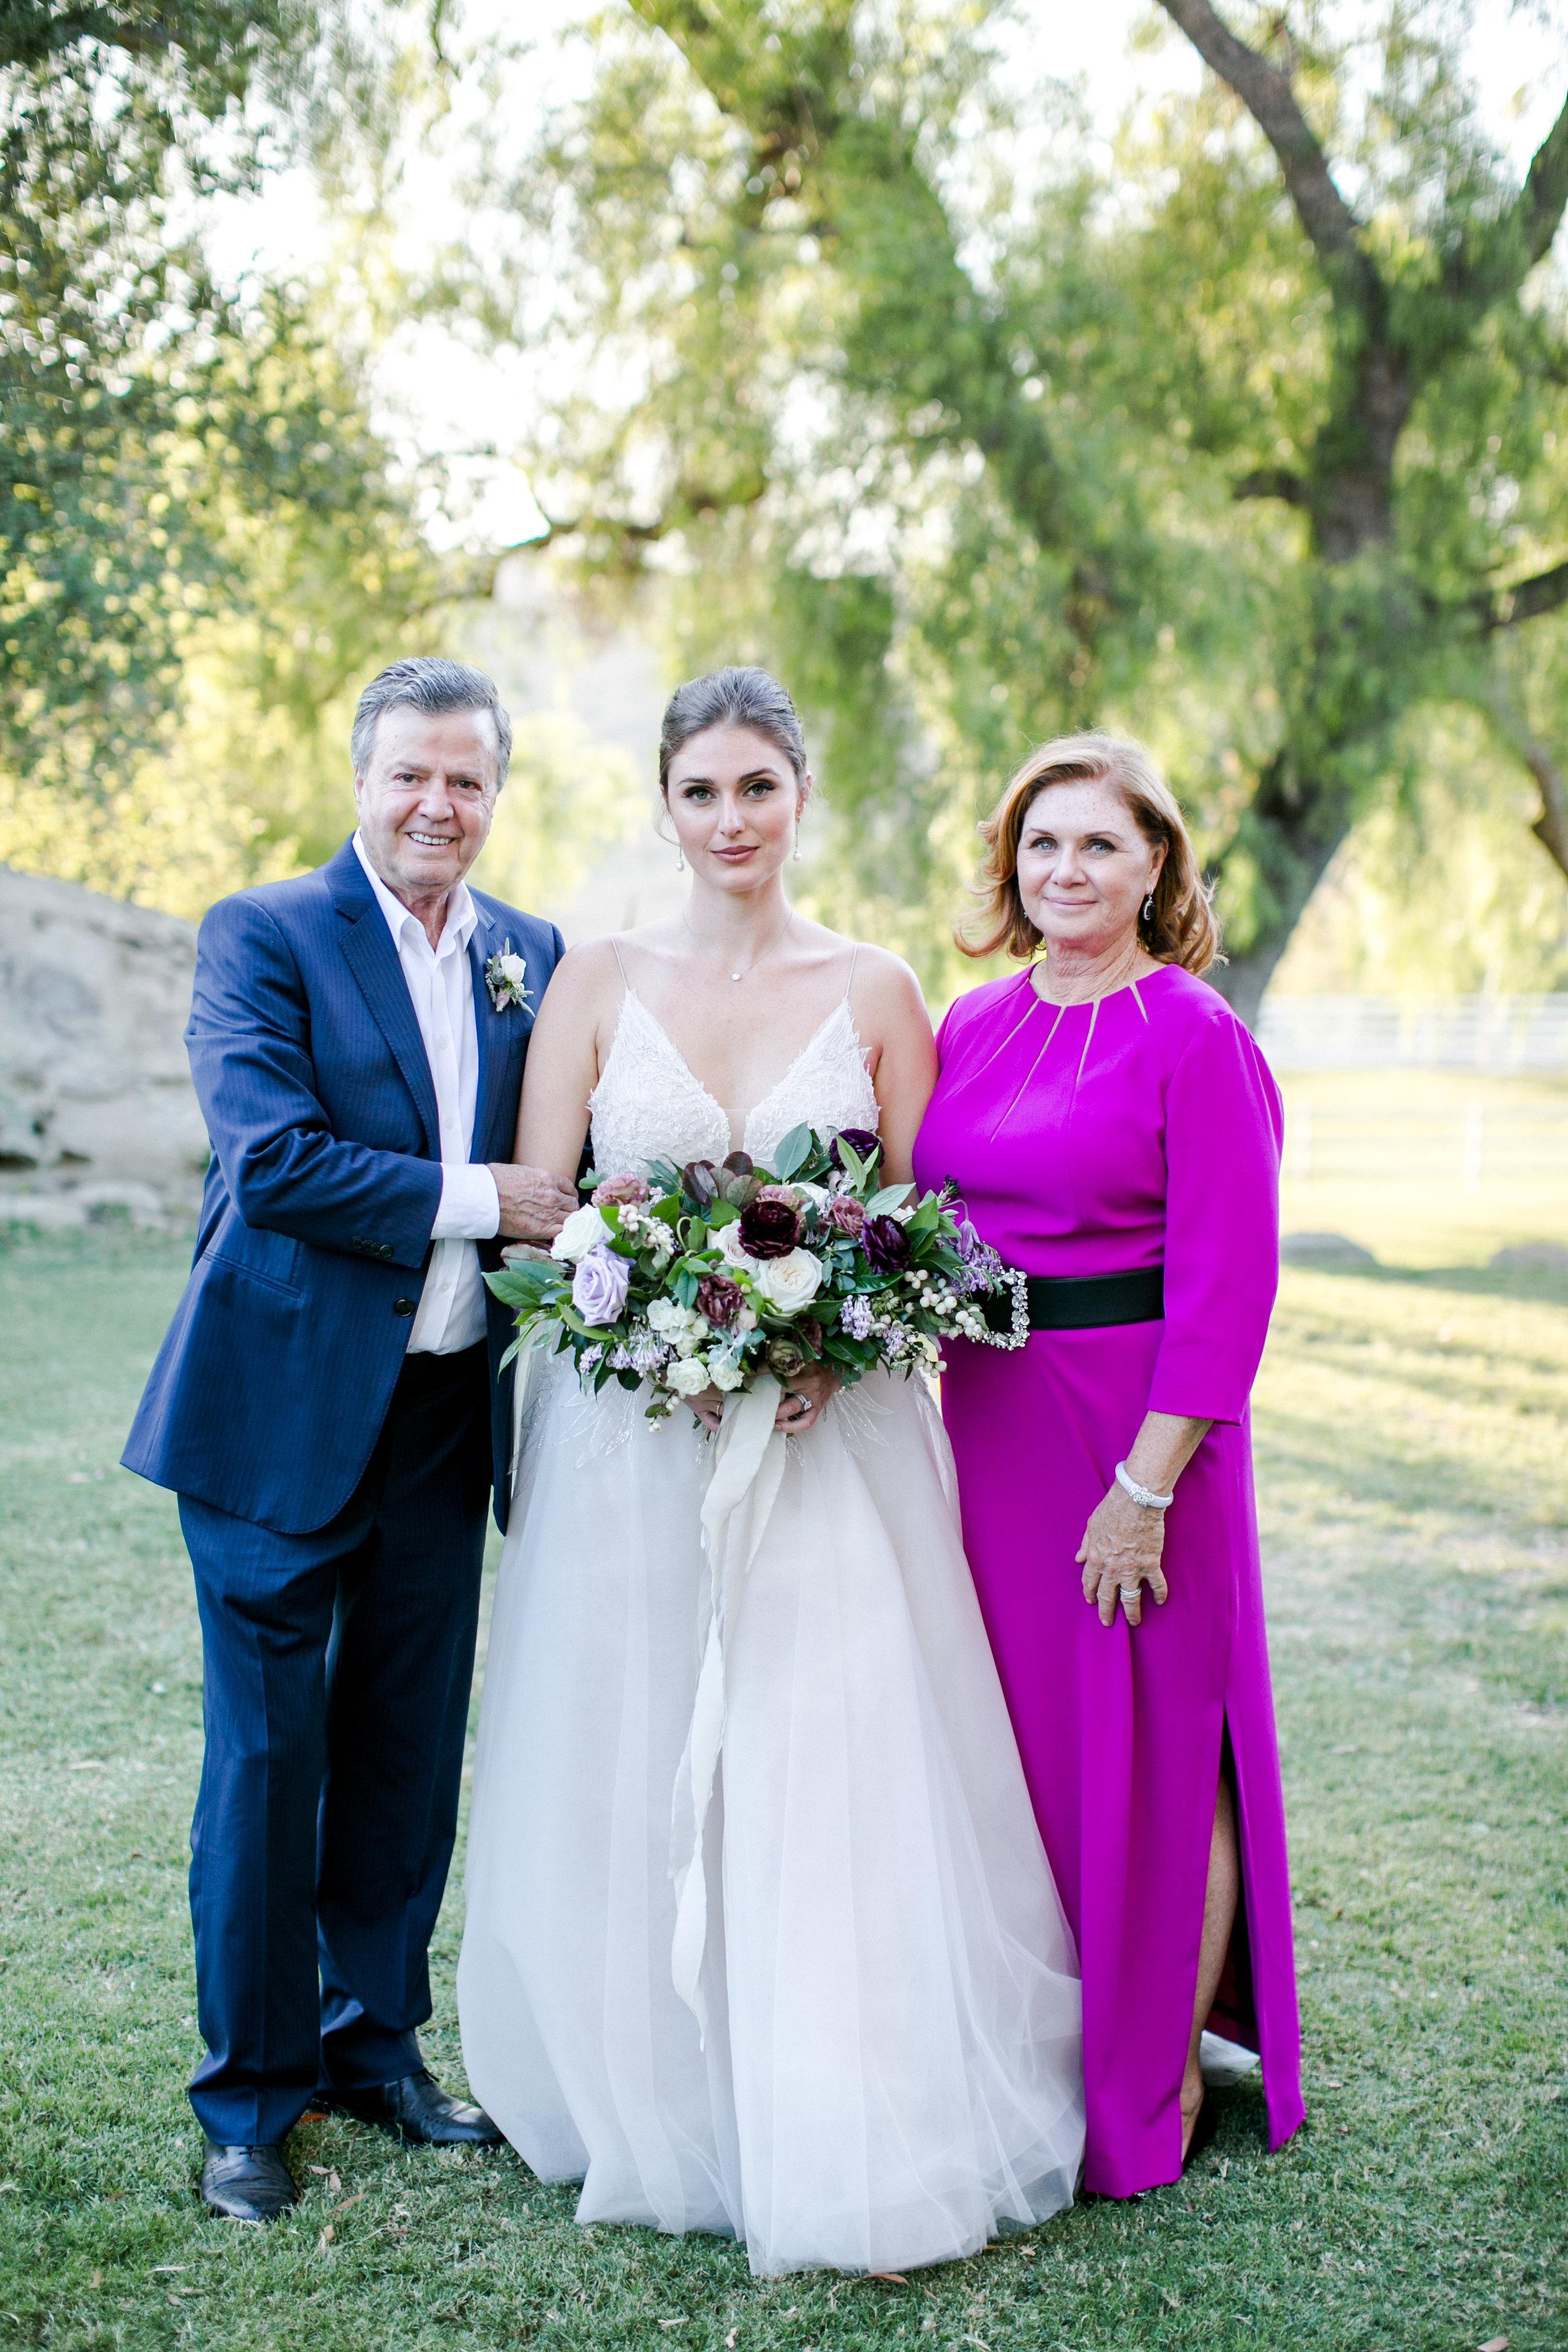 25. WEdding Party Bride parents.jpg